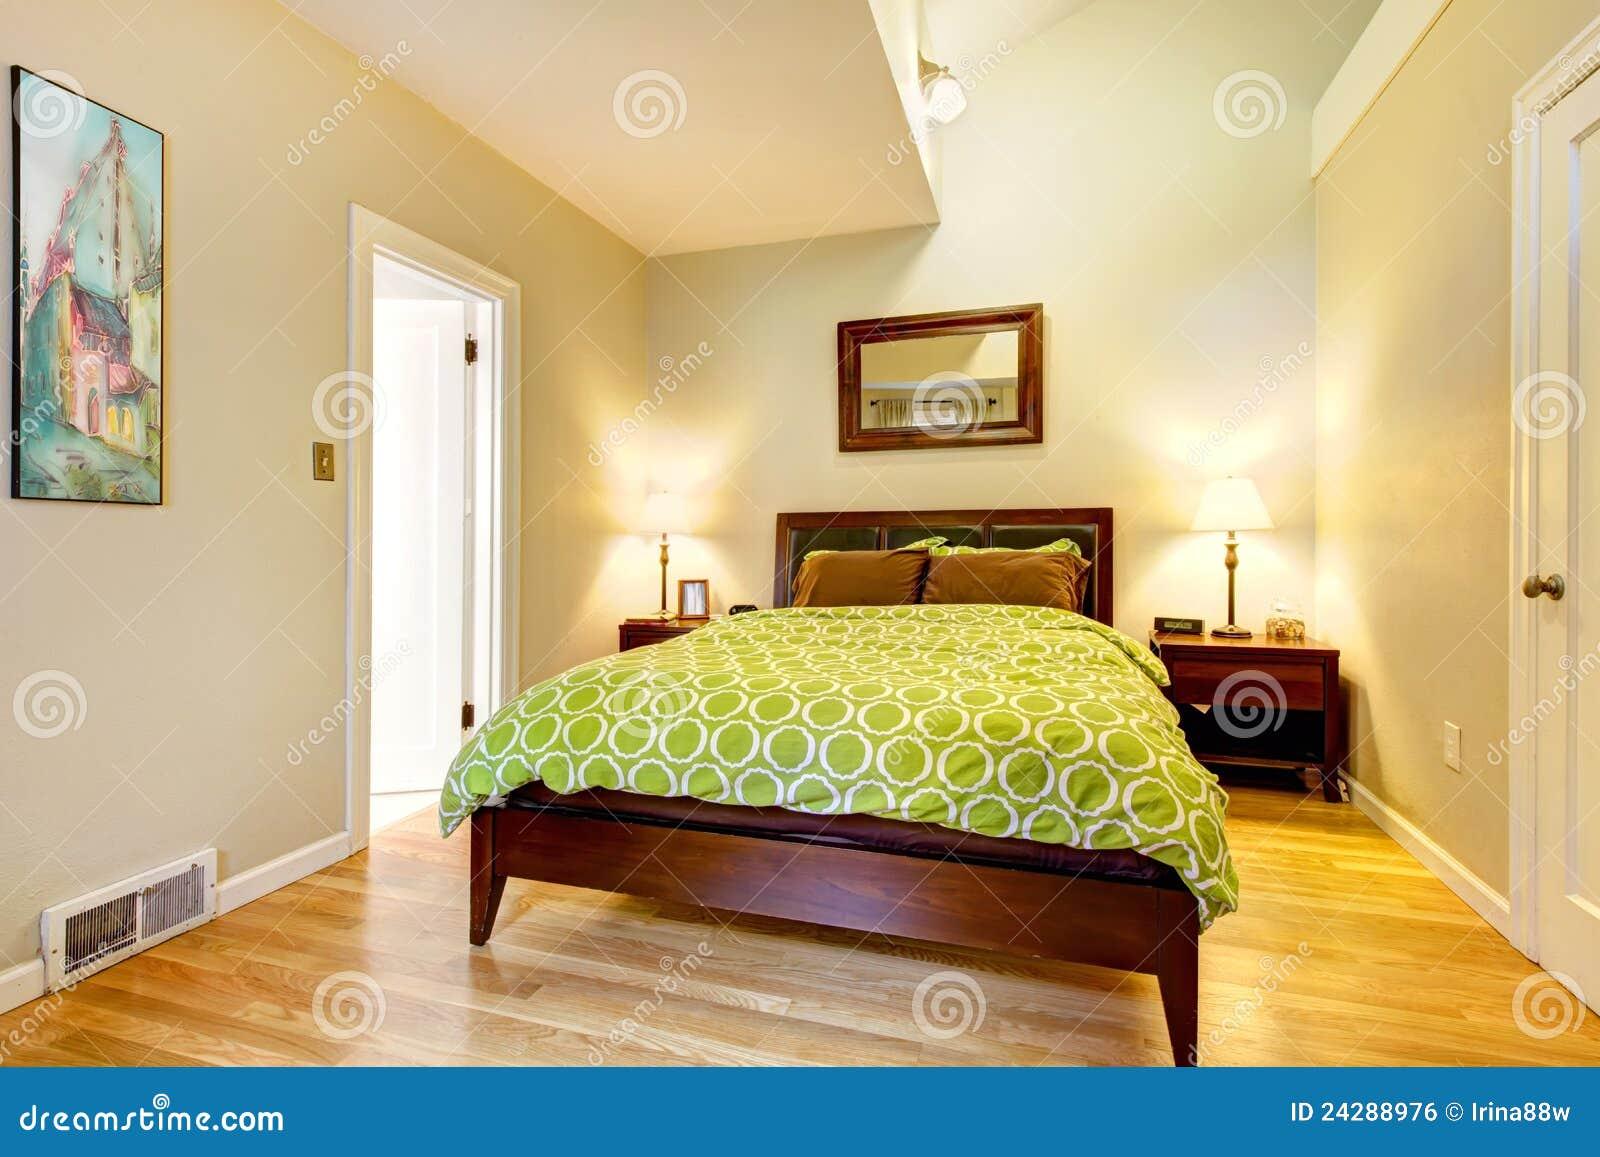 Slaapkamer Bruin Wit : Slaapkamer kleuren inspiratie tips voor kleurencombinaties